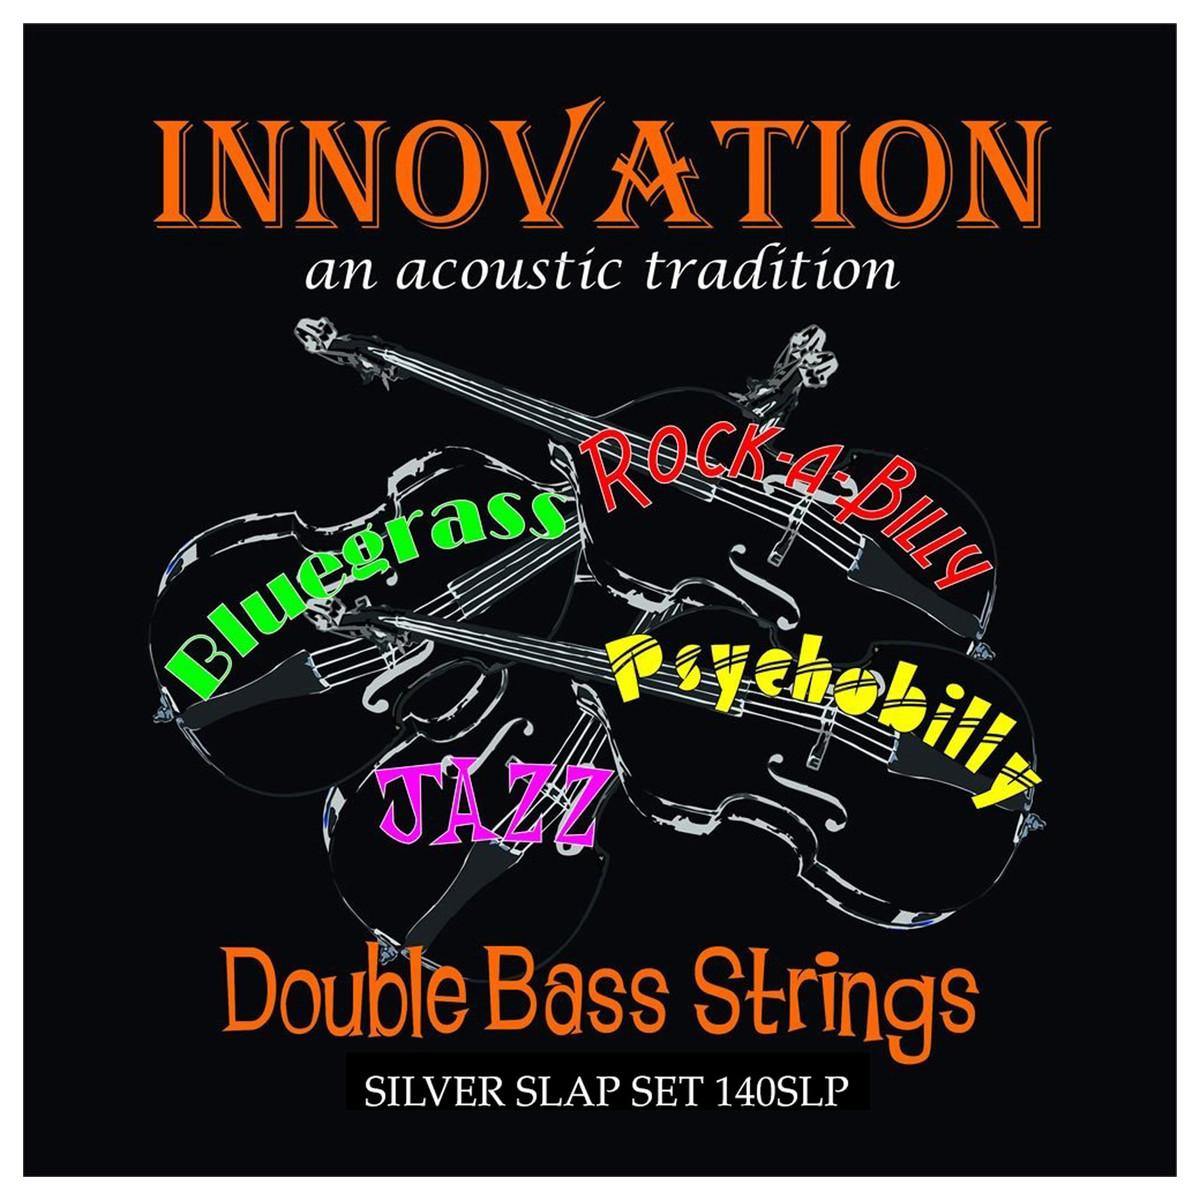 innovation silver slap double bass string set at. Black Bedroom Furniture Sets. Home Design Ideas